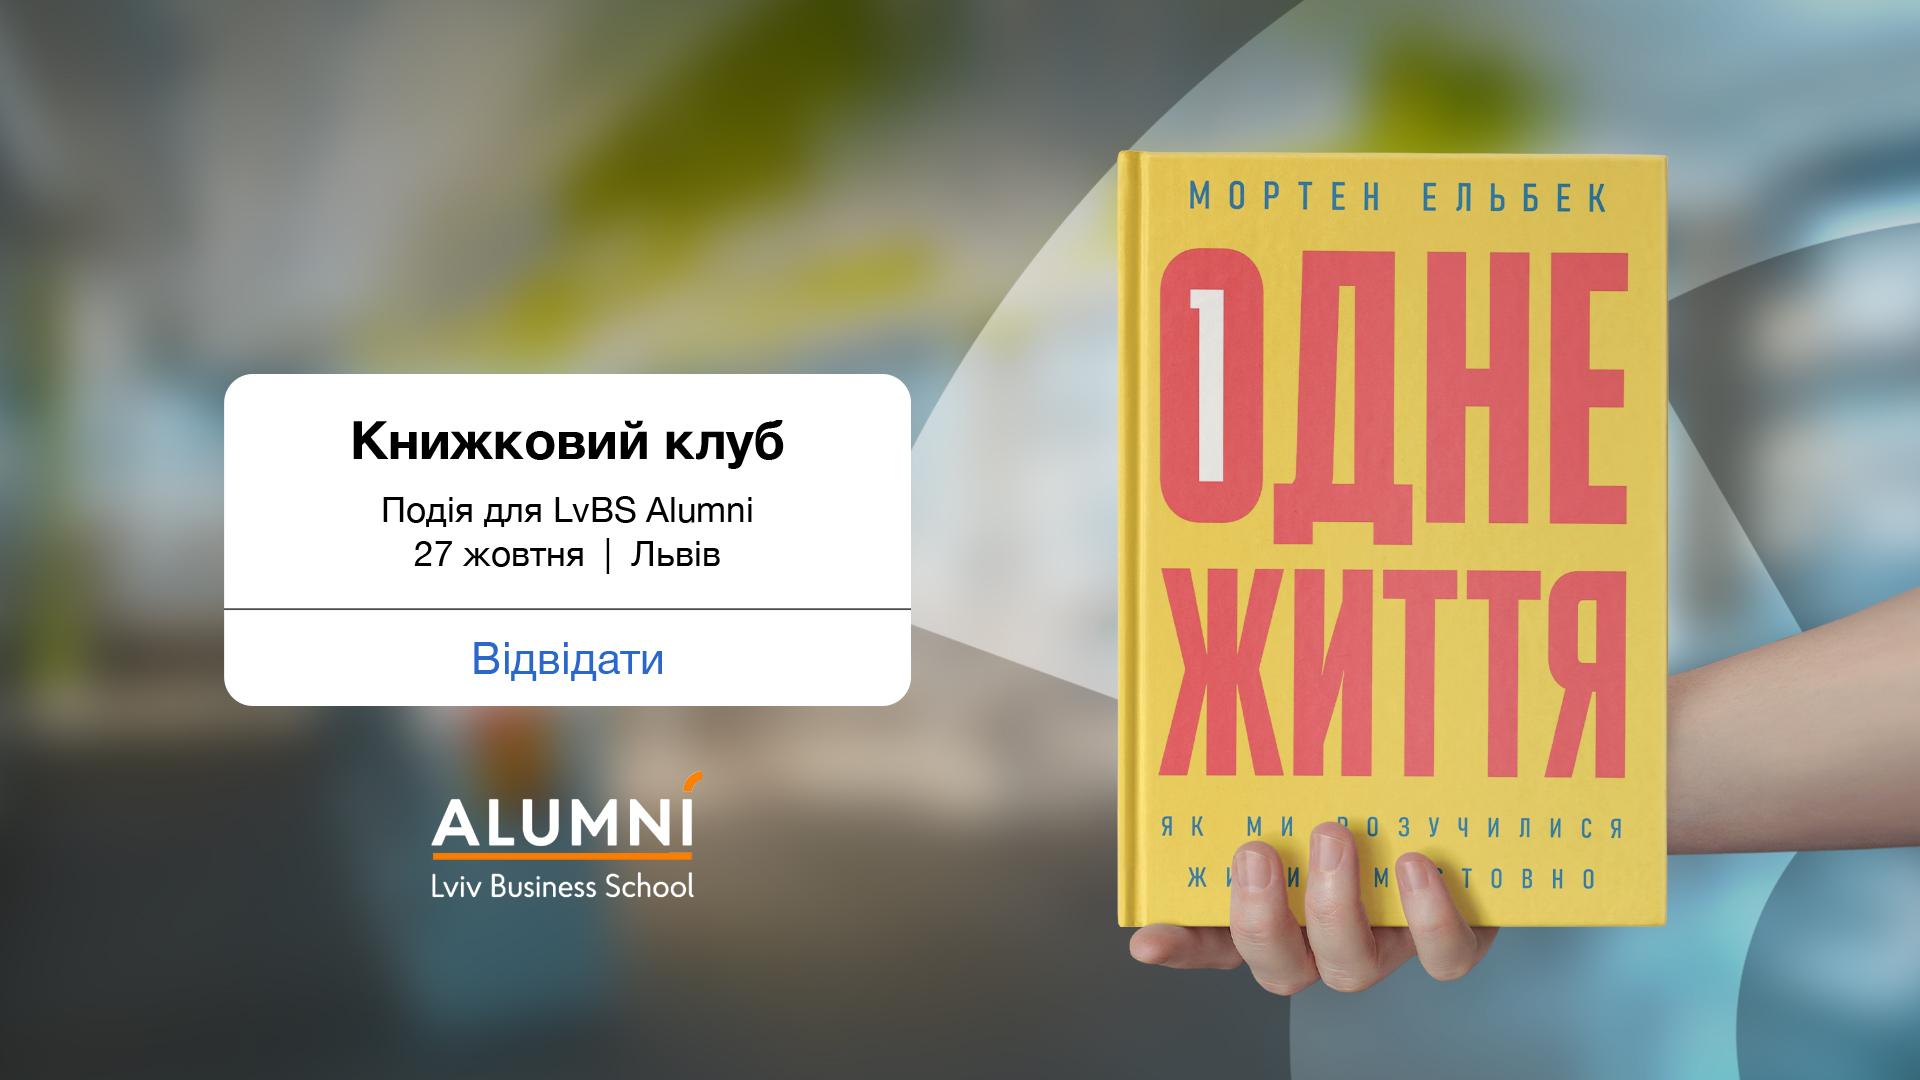 Alumni book club